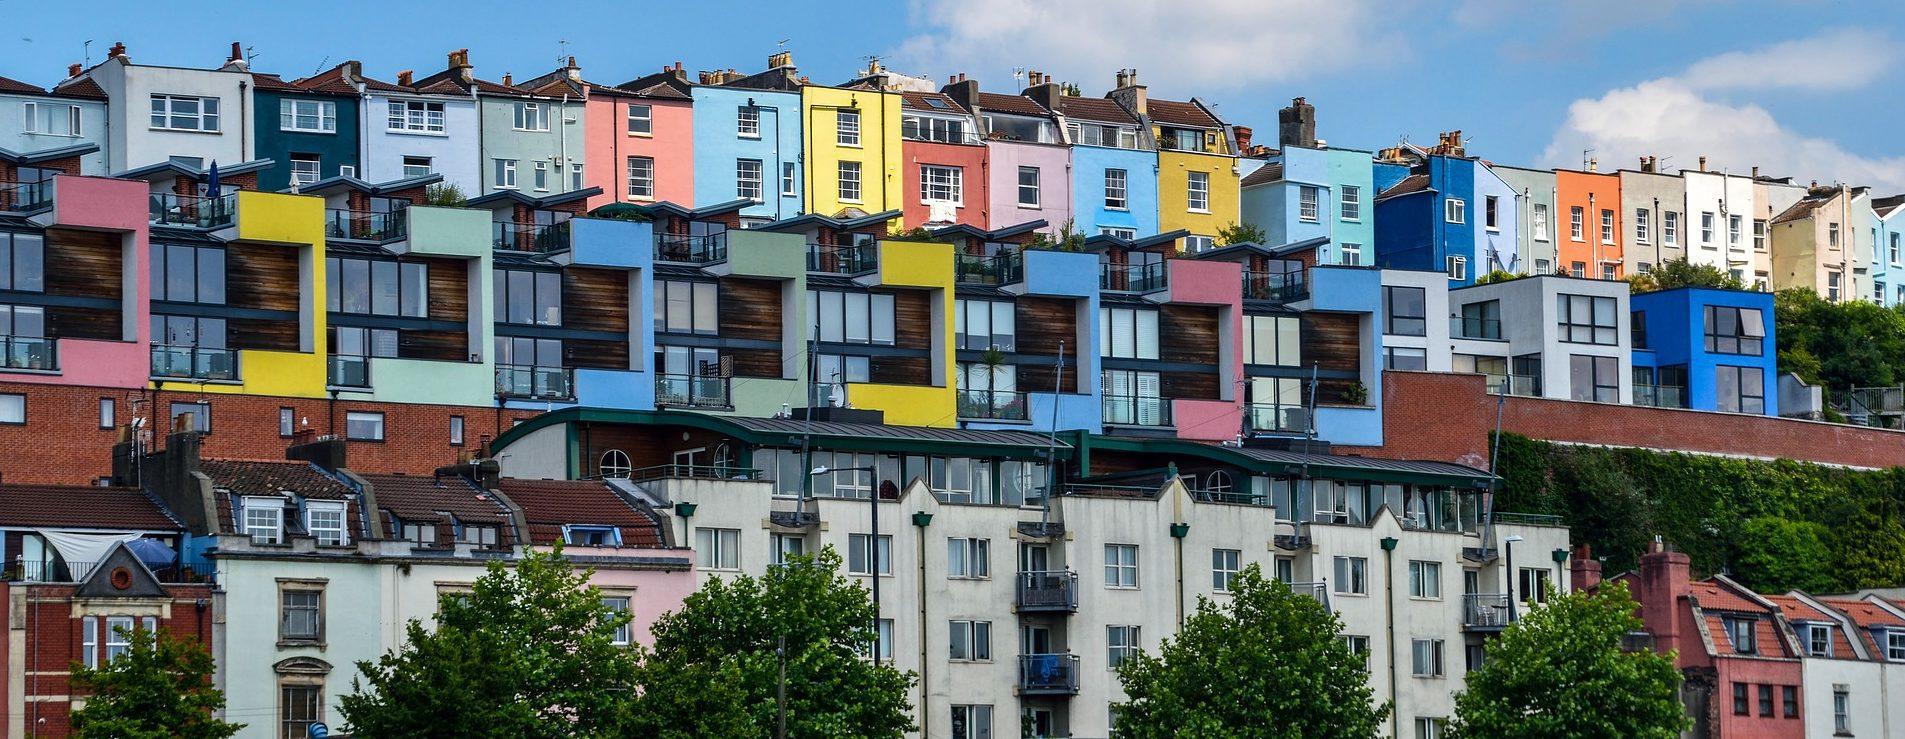 Bristol · Gîtes et chambres d'hôtes gays